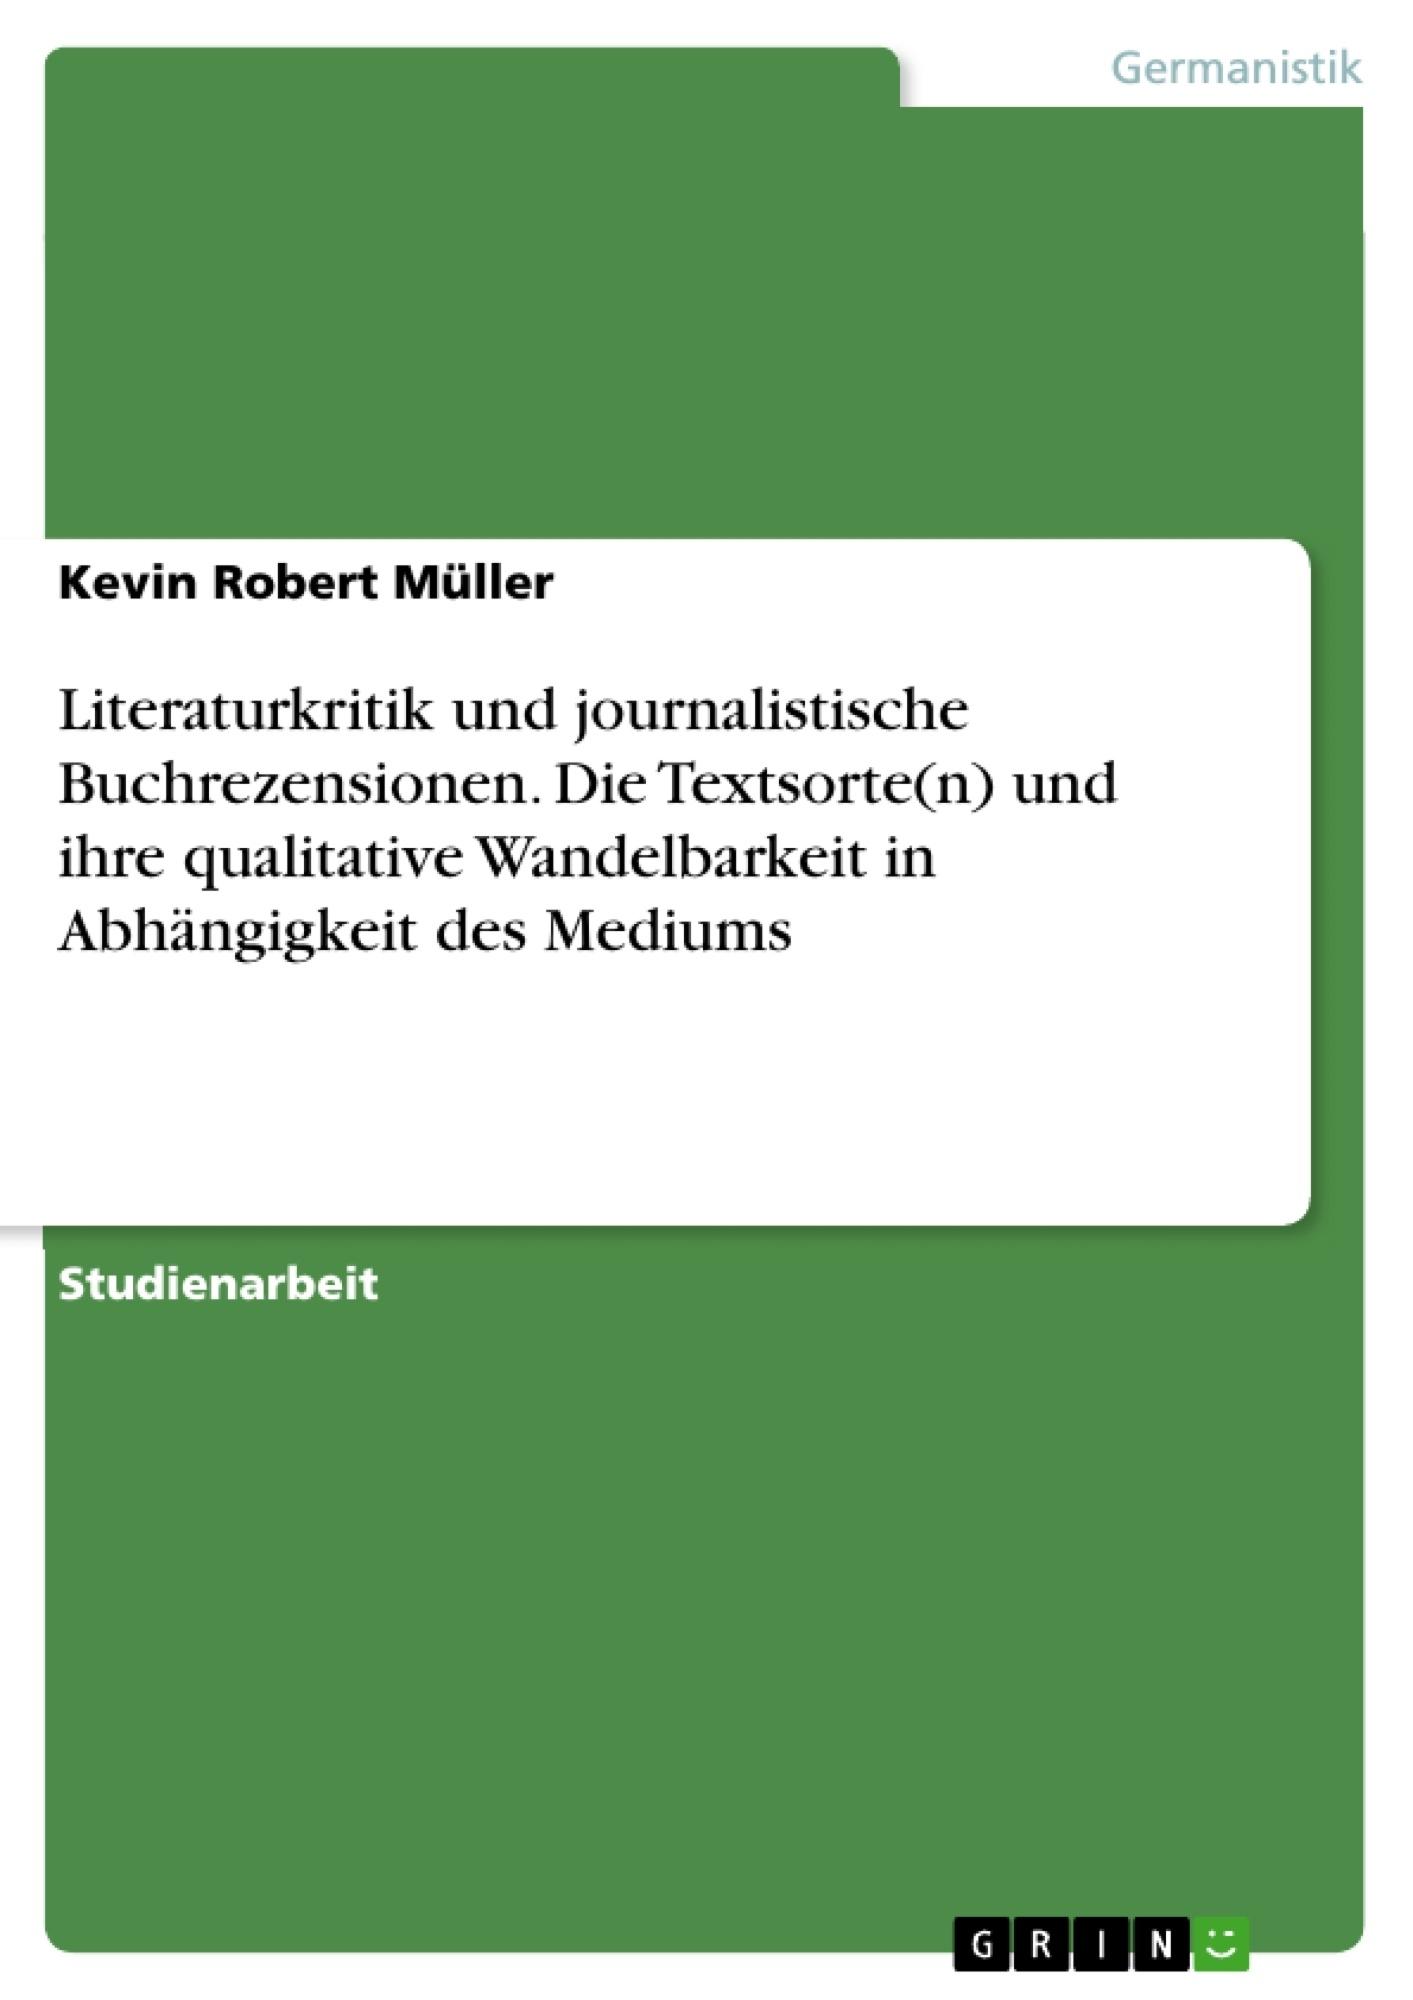 Titel: Literaturkritik und journalistische Buchrezensionen. Die Textsorte(n) und ihre qualitative Wandelbarkeit in Abhängigkeit des Mediums